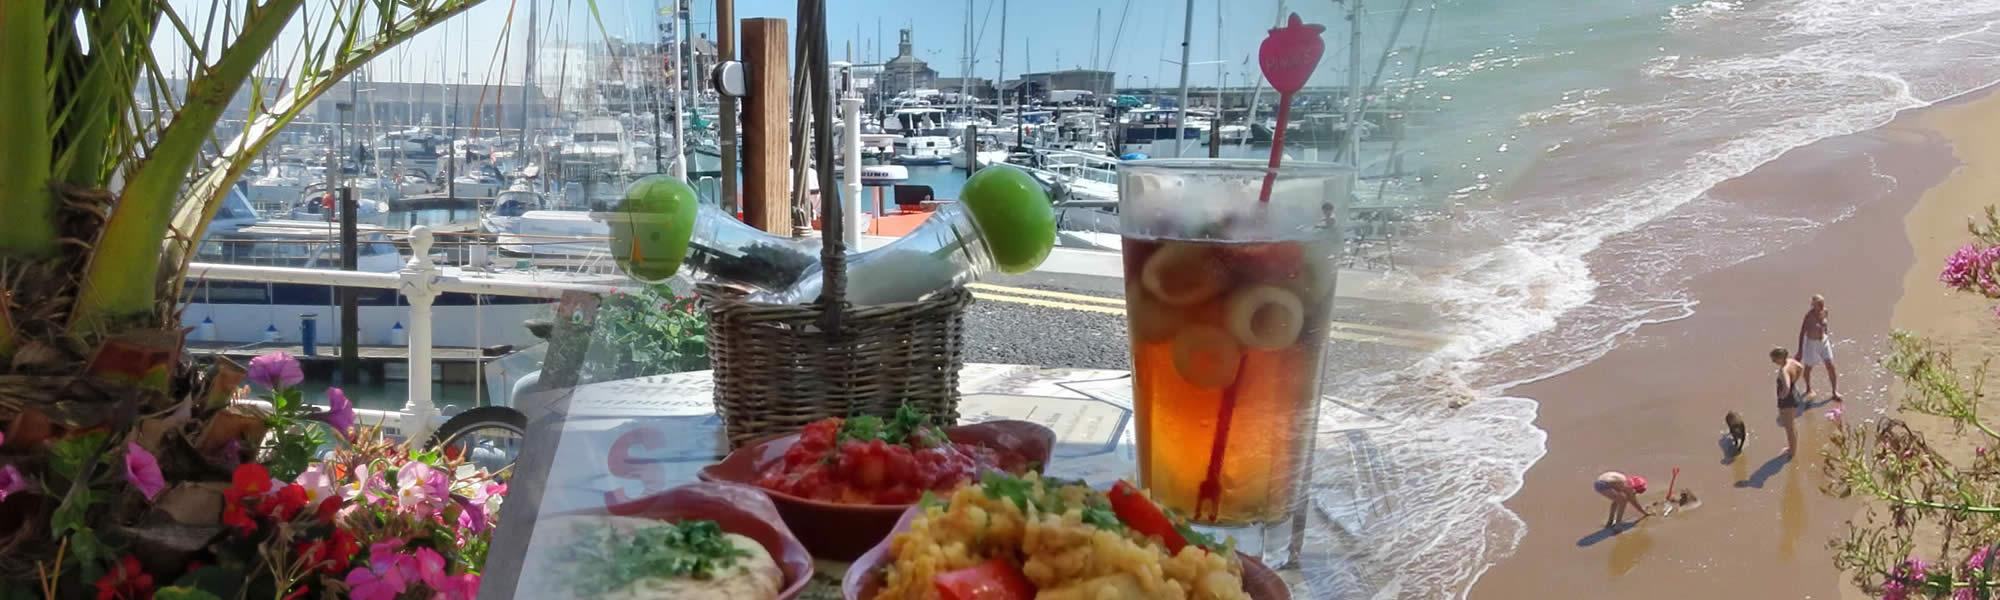 Relax in Ramsgate - Visit Ramsgate